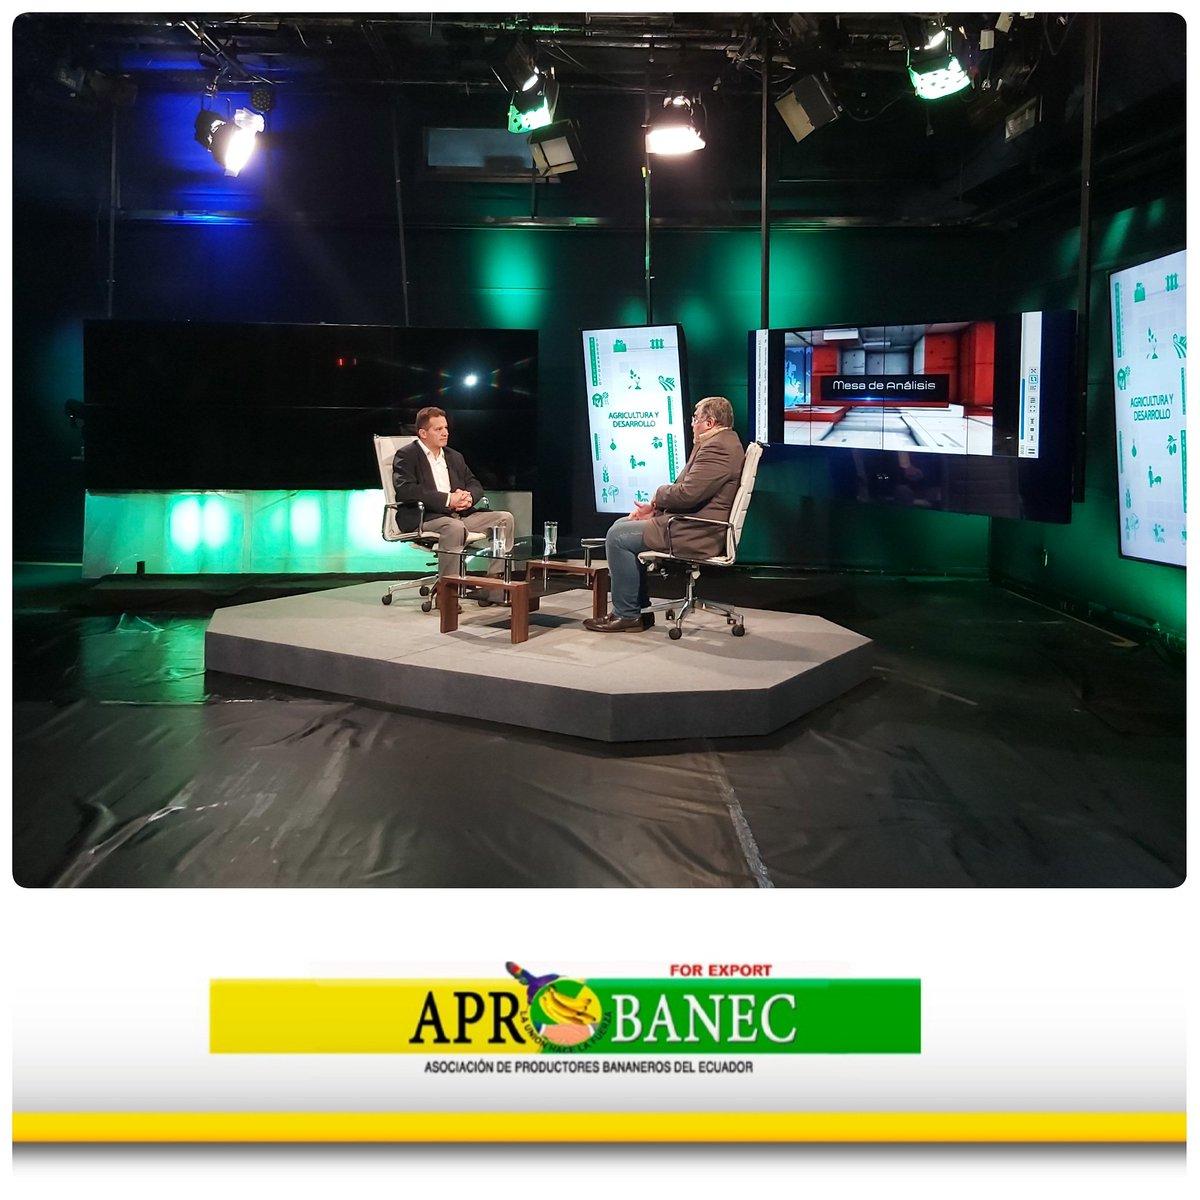 Grabando el programa #MesaDeAnálisis que se transmitirá la próxima semana por @ucsg_tv #Aprobanec #ProductoresBananeros#Ganar